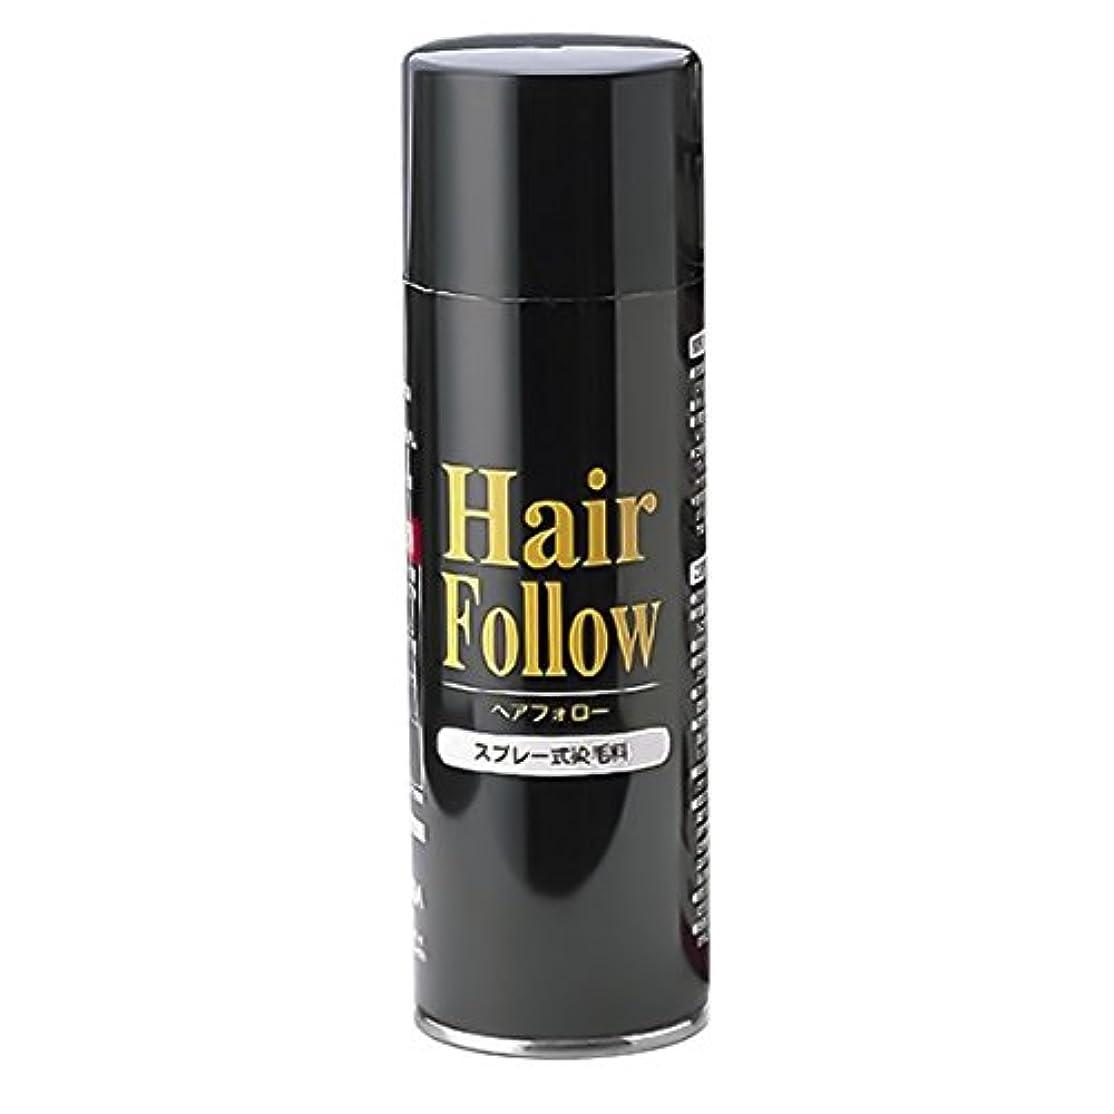 社会主義者親リード薄毛スプレー ヘアフォロー HairFollow ブラック 150g